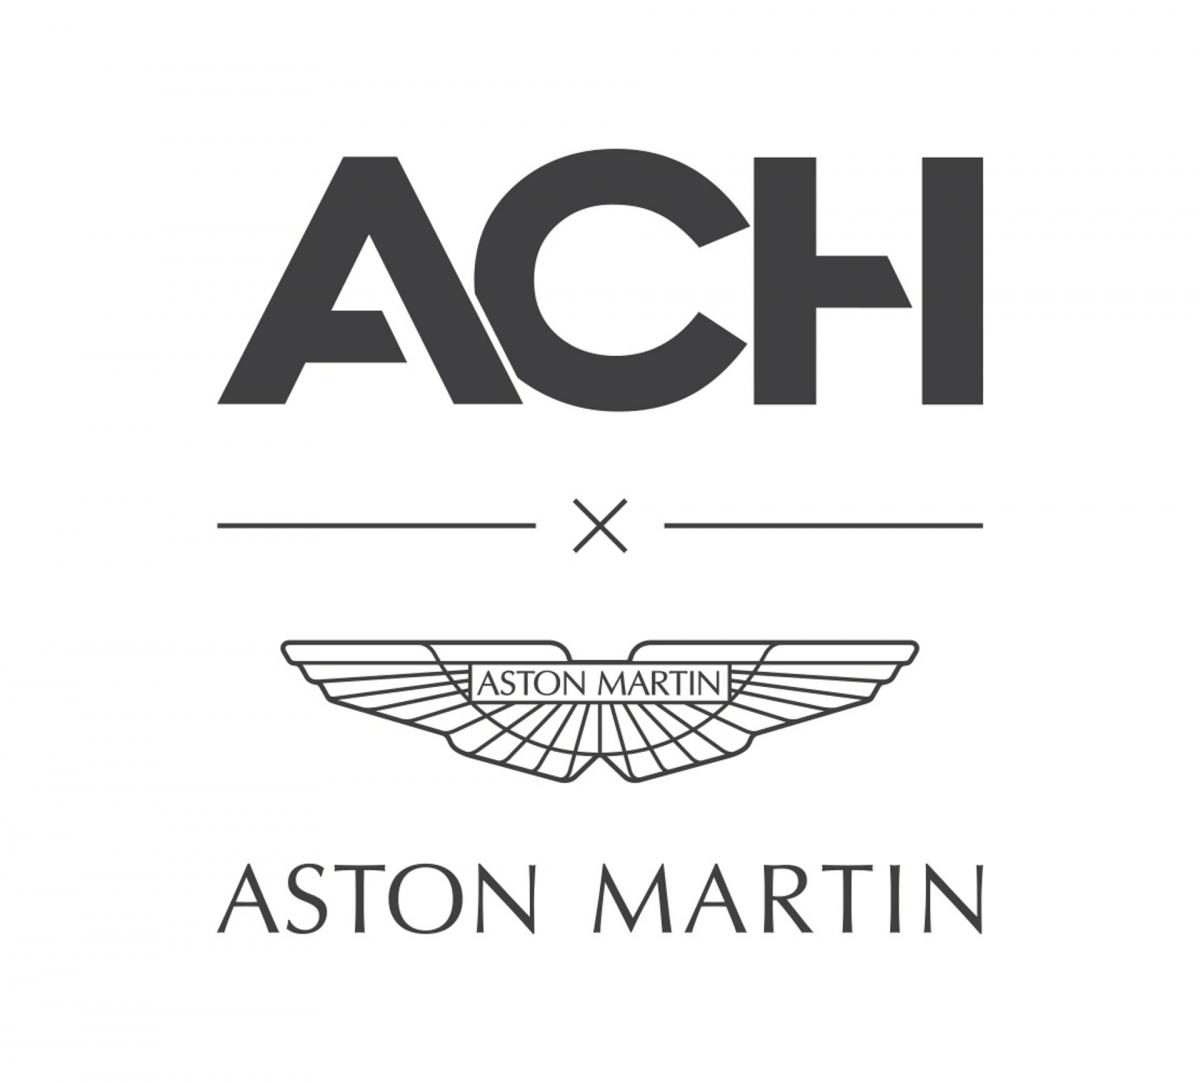 Aston Martin takes to the skies with Airbus